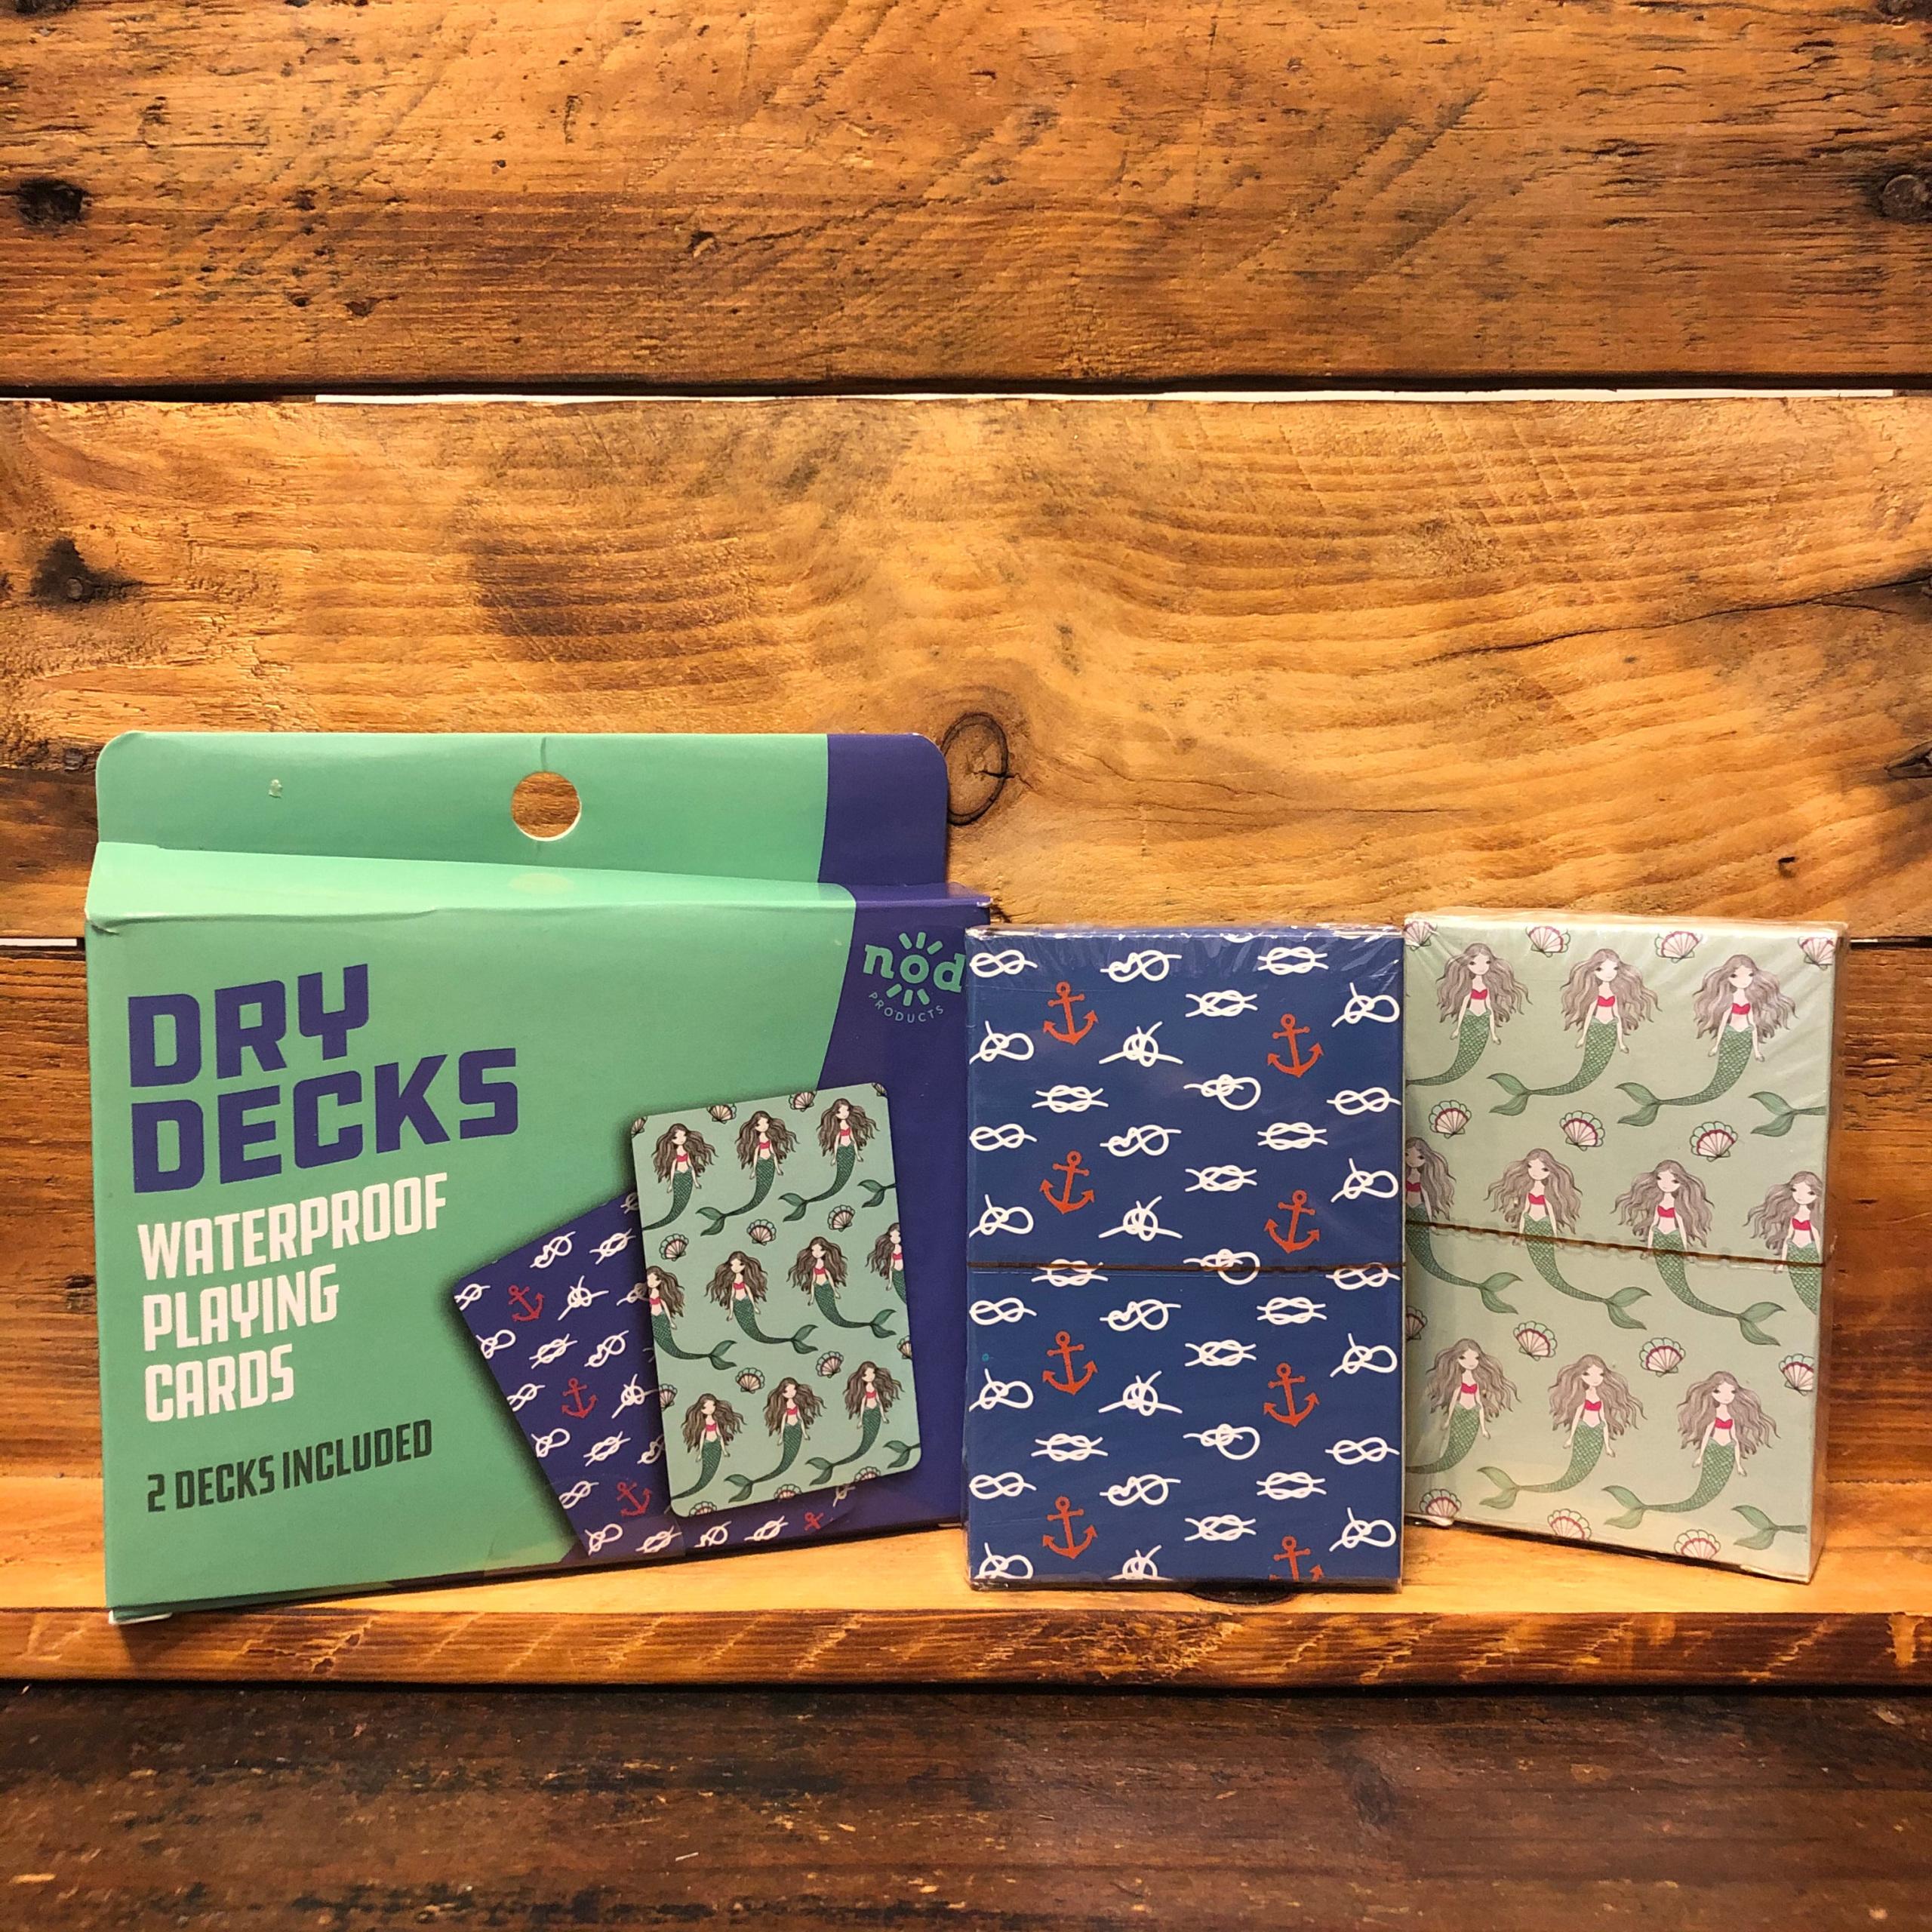 Dry Decks Waterproof Playing Cards Mermaid/Sailor